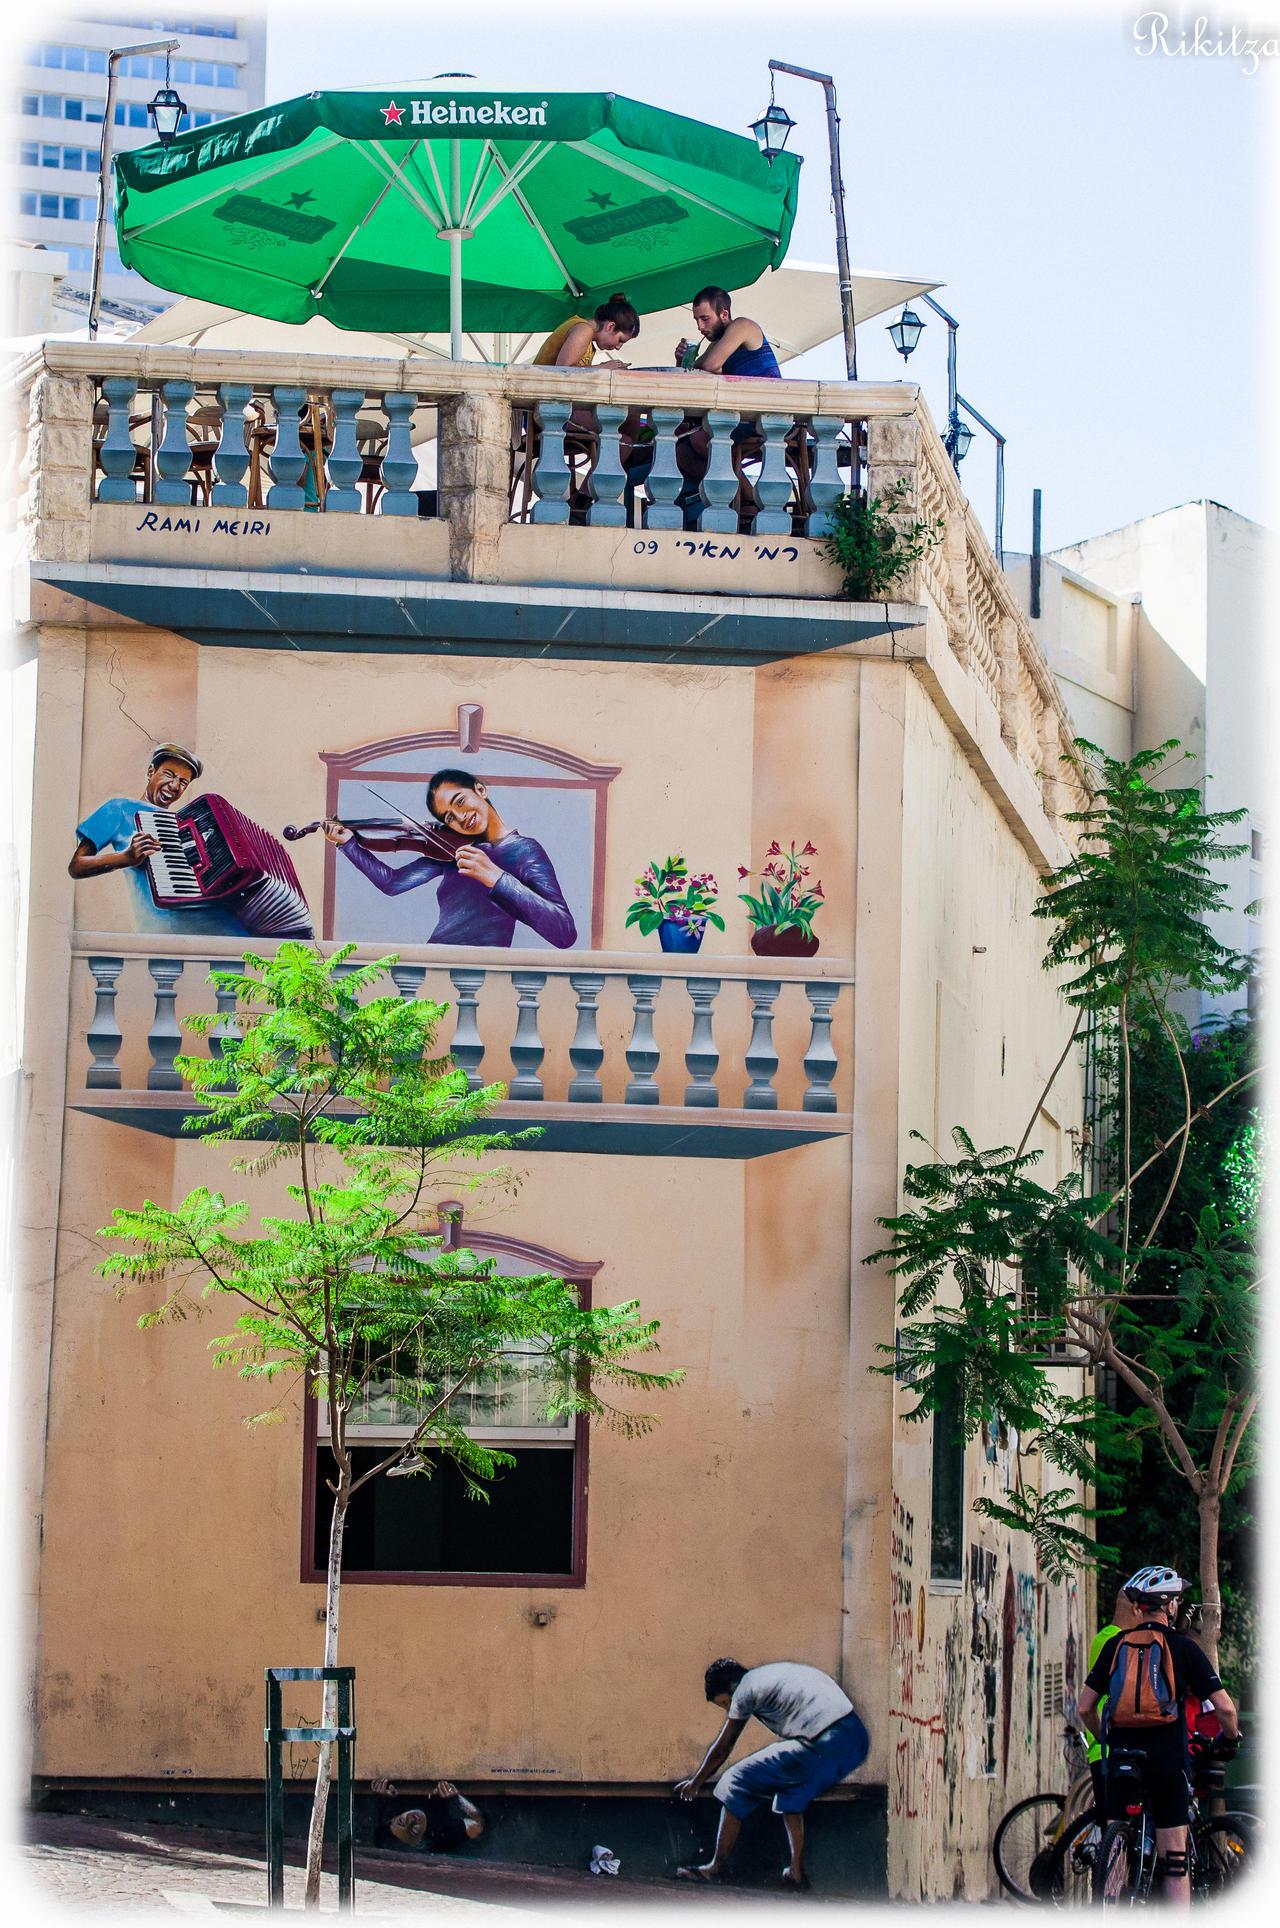 Stratification in Tel Aviv by Rikitza